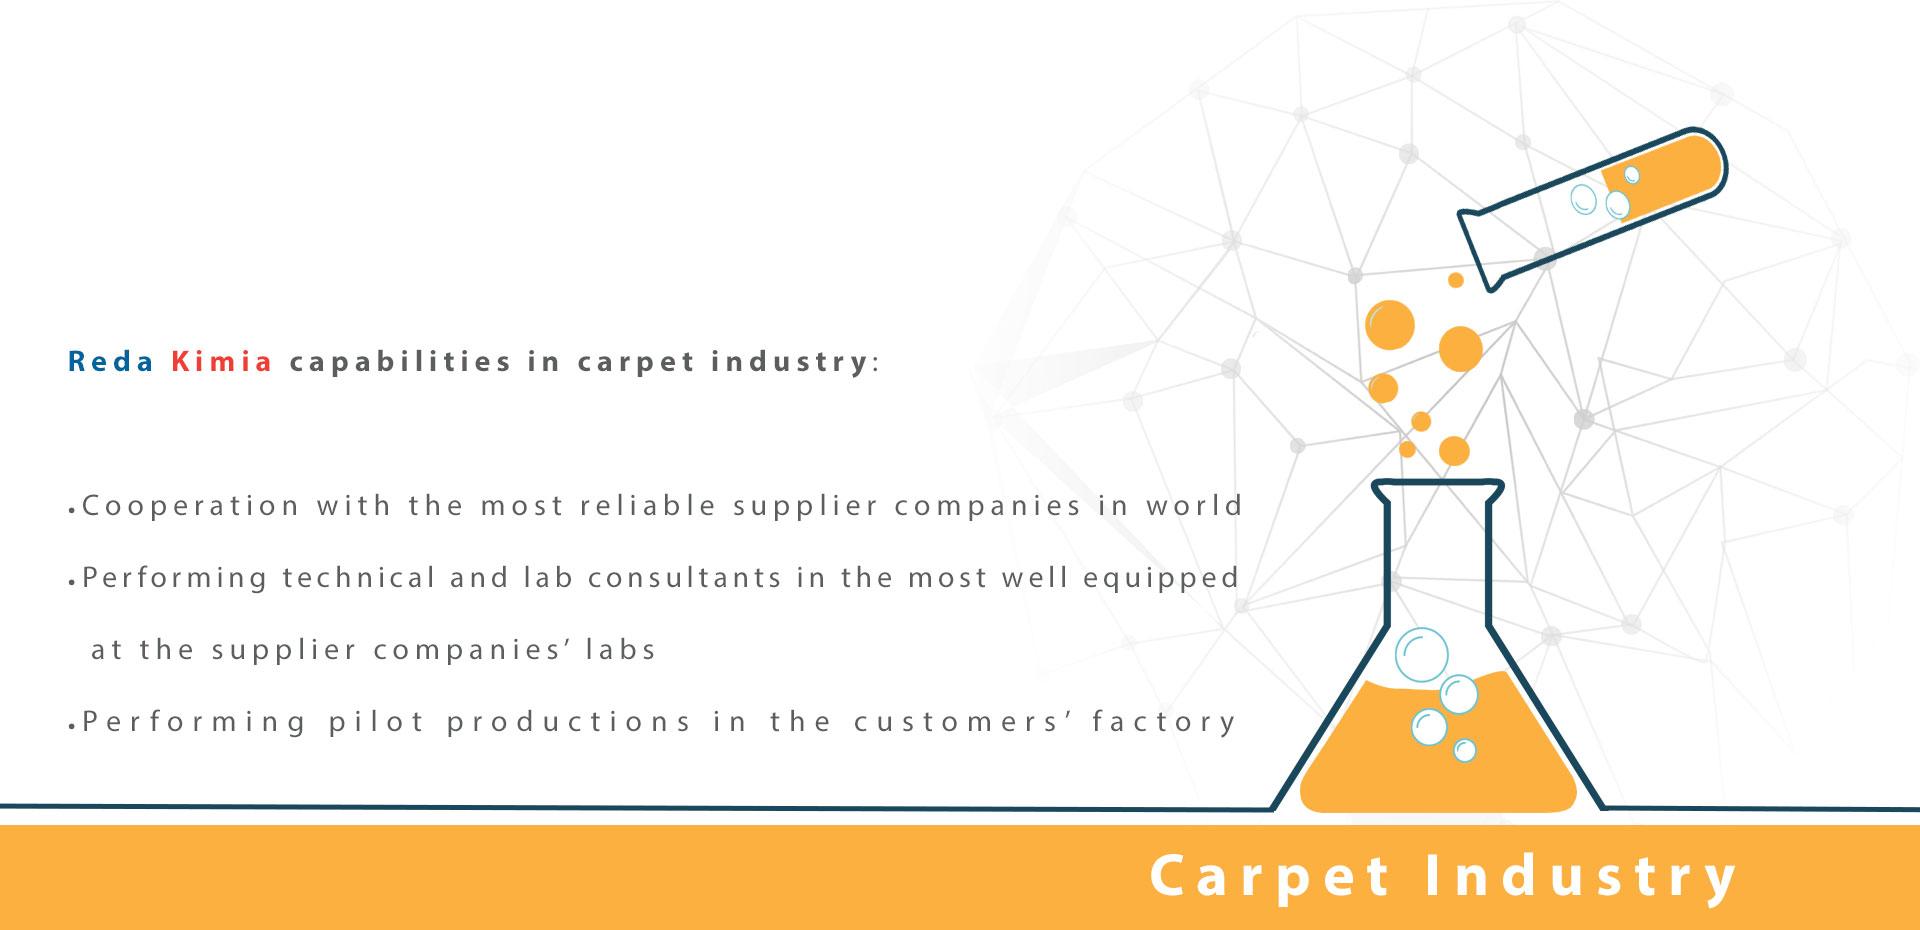 صنعت فرش ماشینی و موکت